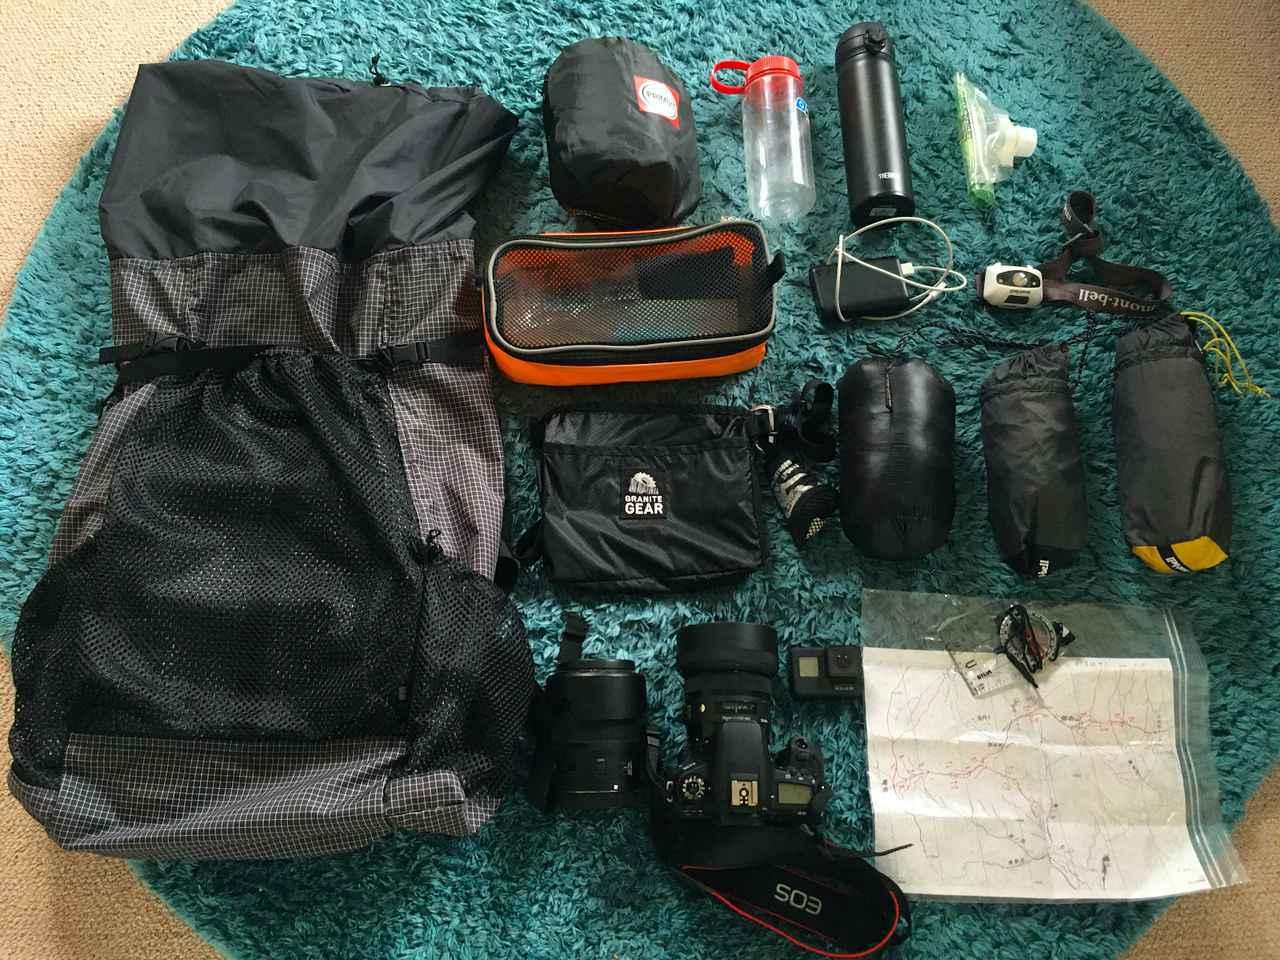 画像: 【初心者必見】登山歴3年の筆者が日帰り登山の持ち物を紹介 ザック・服装・小物まで - ハピキャン|キャンプ・アウトドア情報メディア